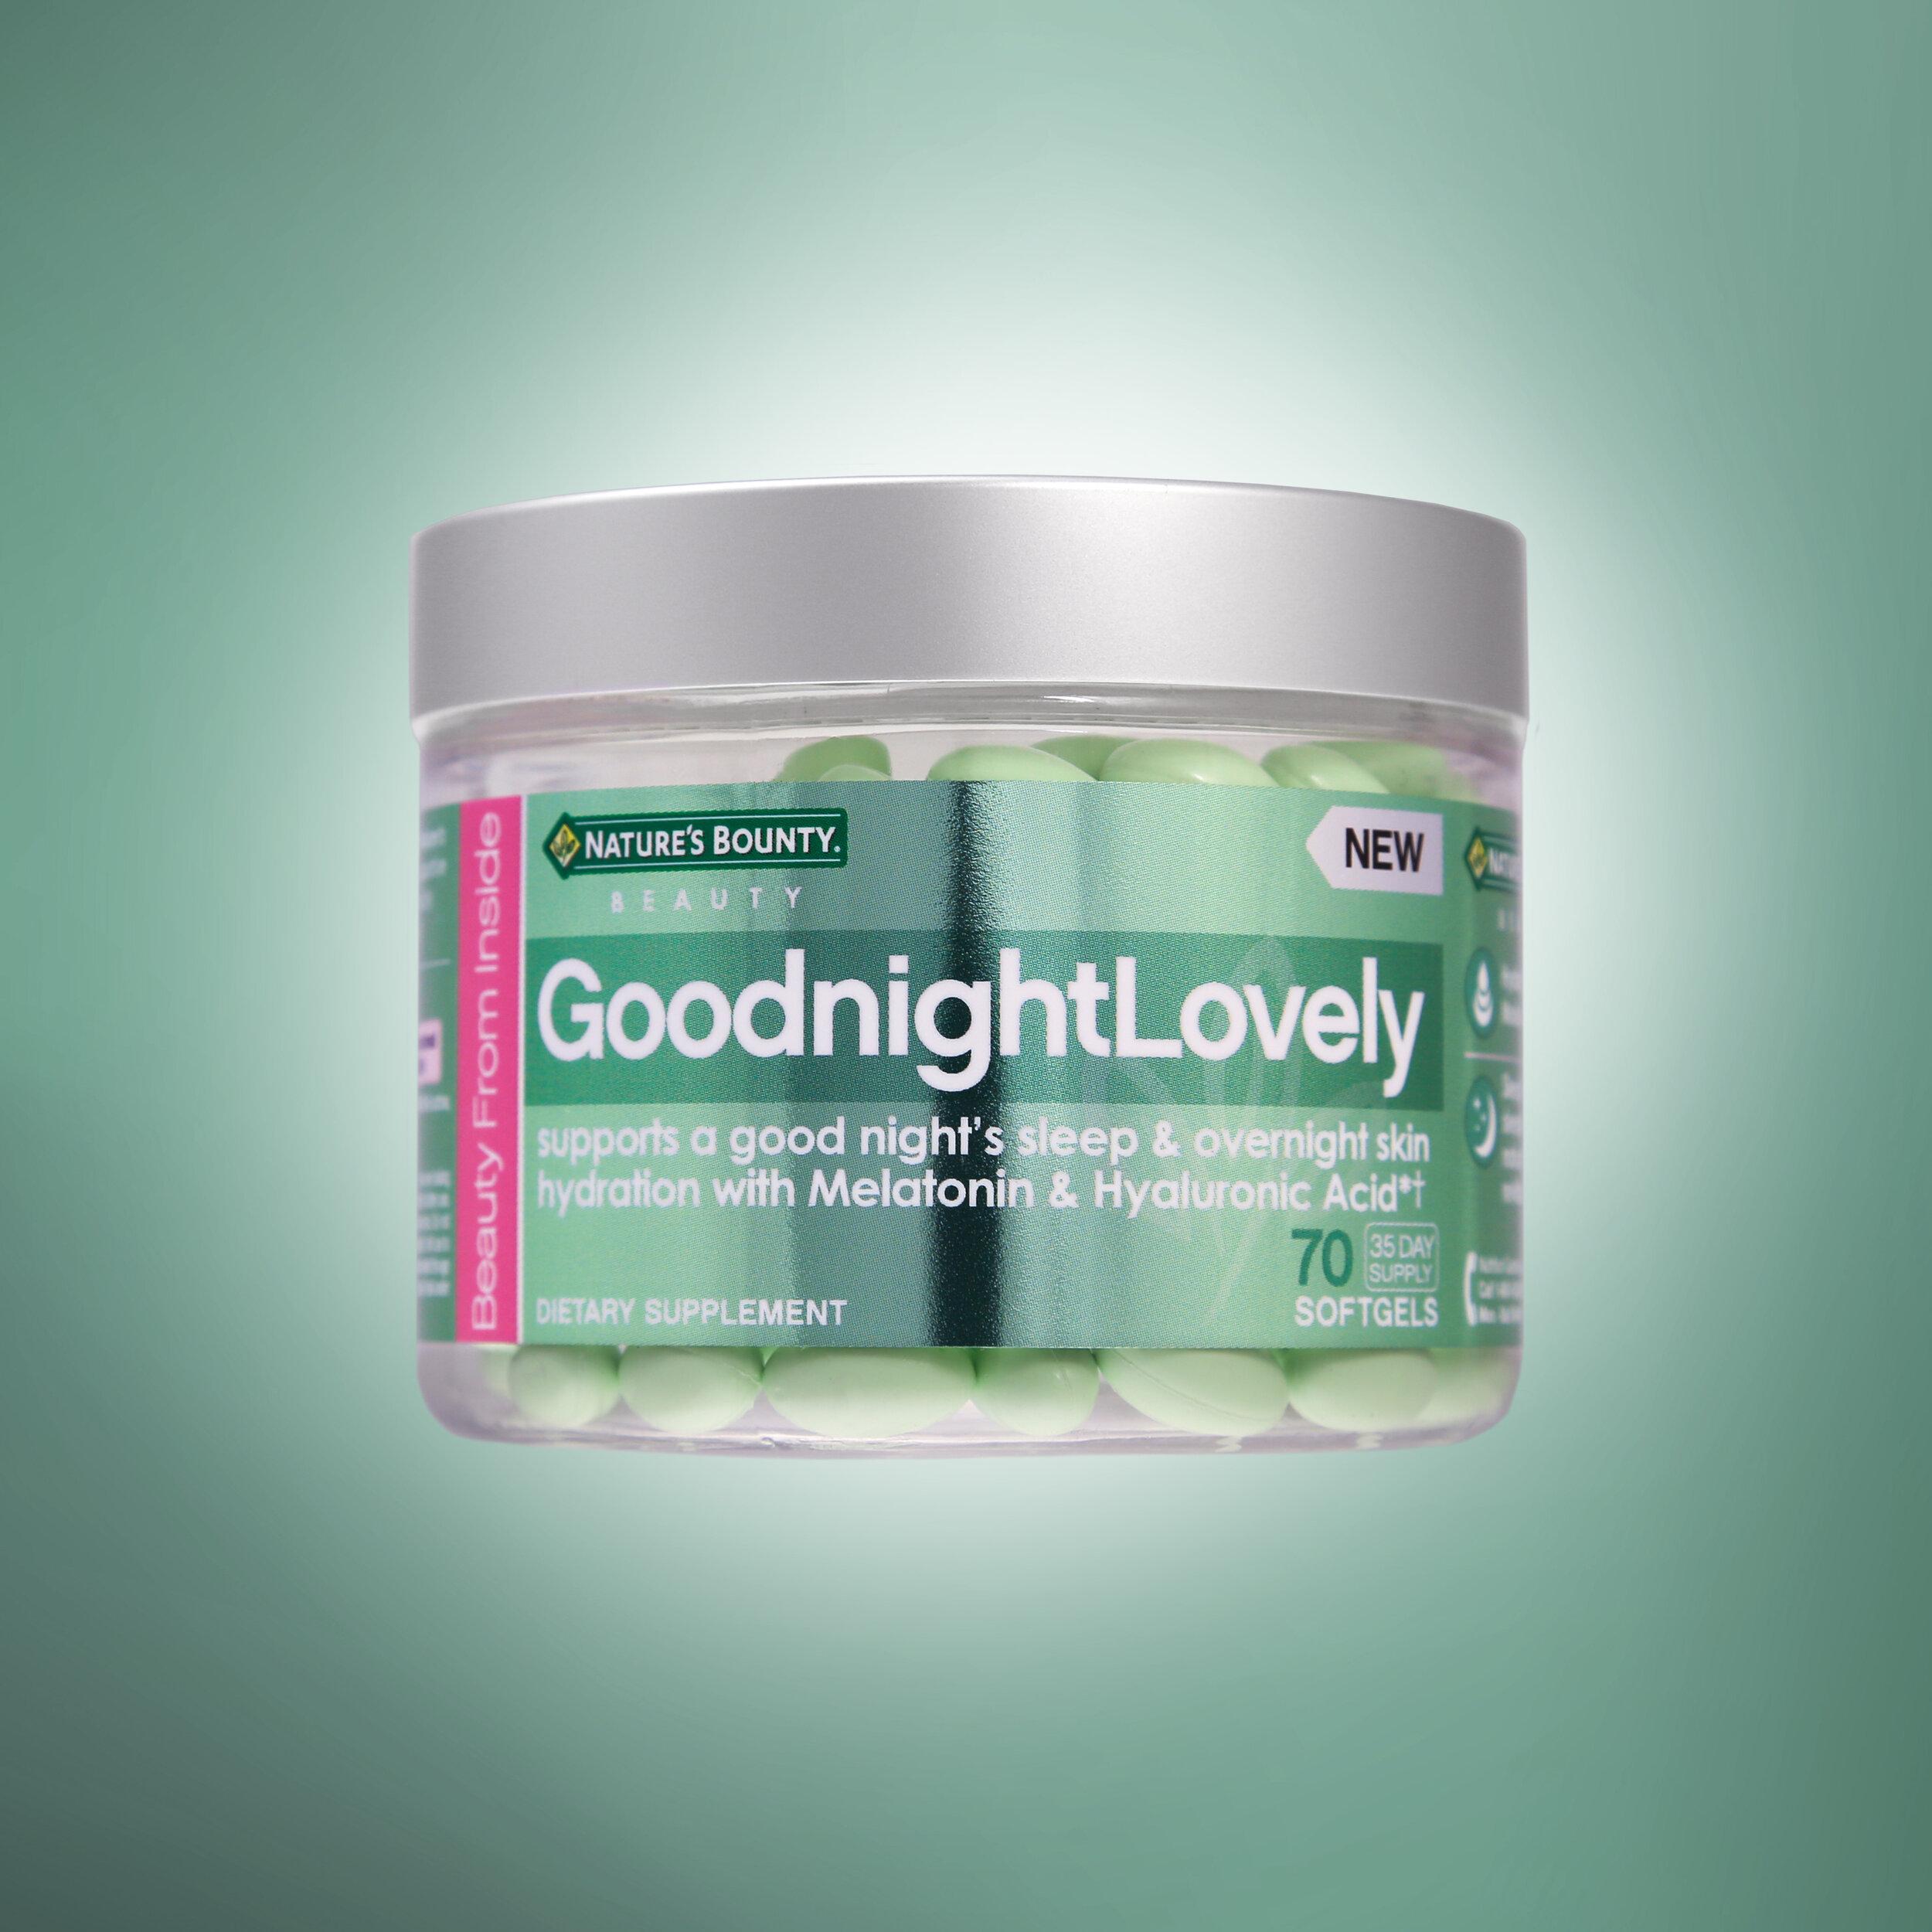 BeautyGels GoodnightLovely.jpg